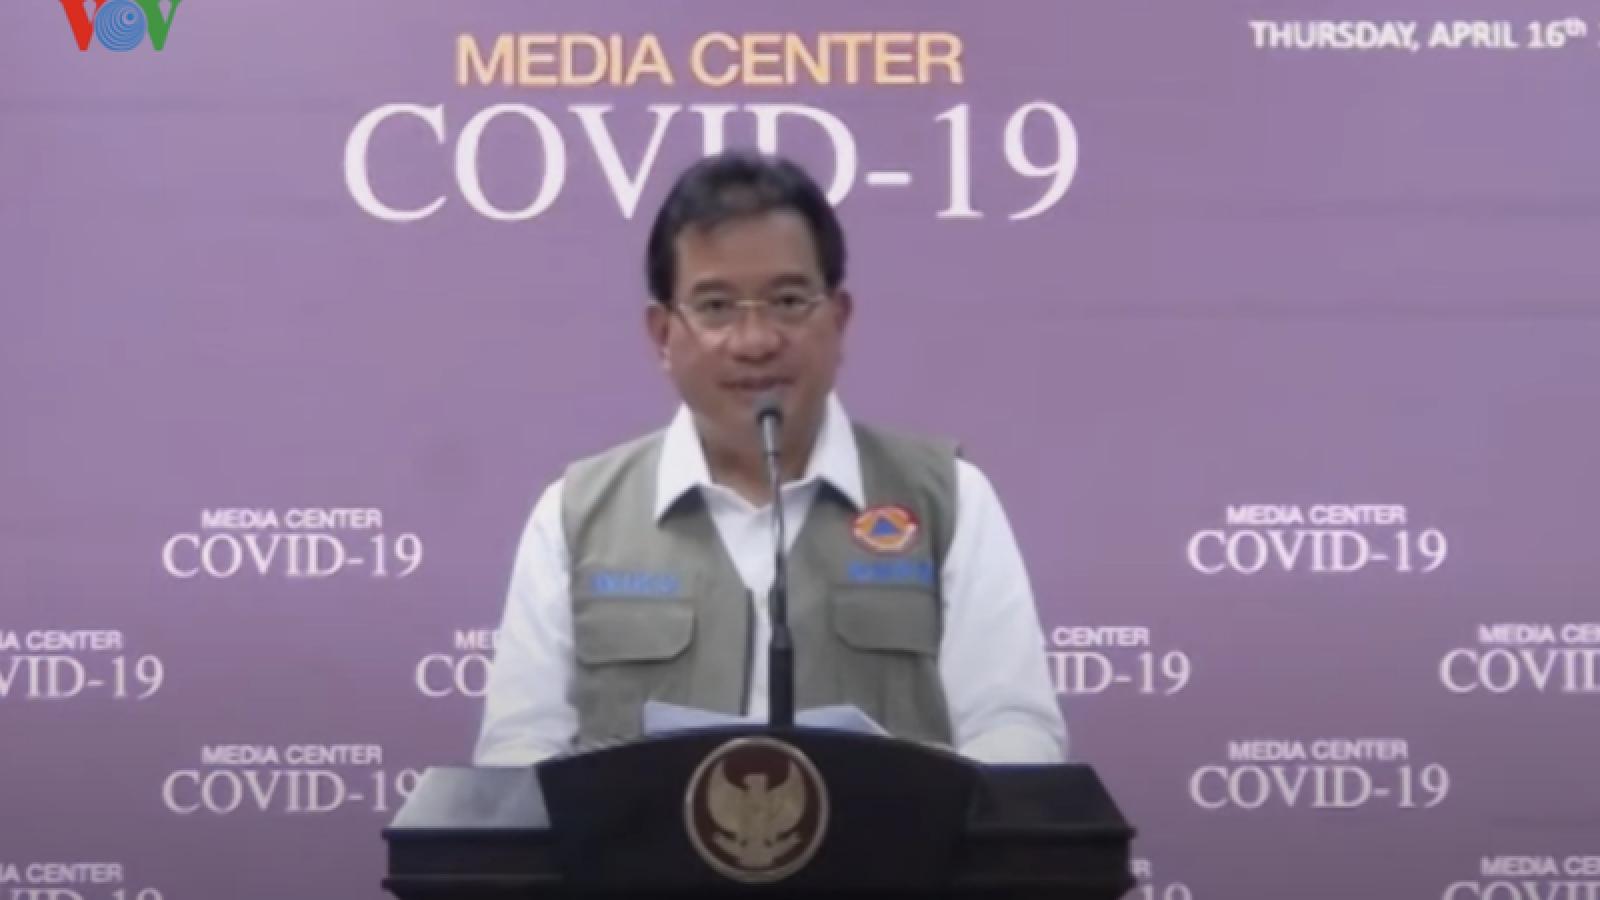 Đỉnh dịch Covid-19 tại Indonesia có thể đạt 95.000 ca trong tháng 5